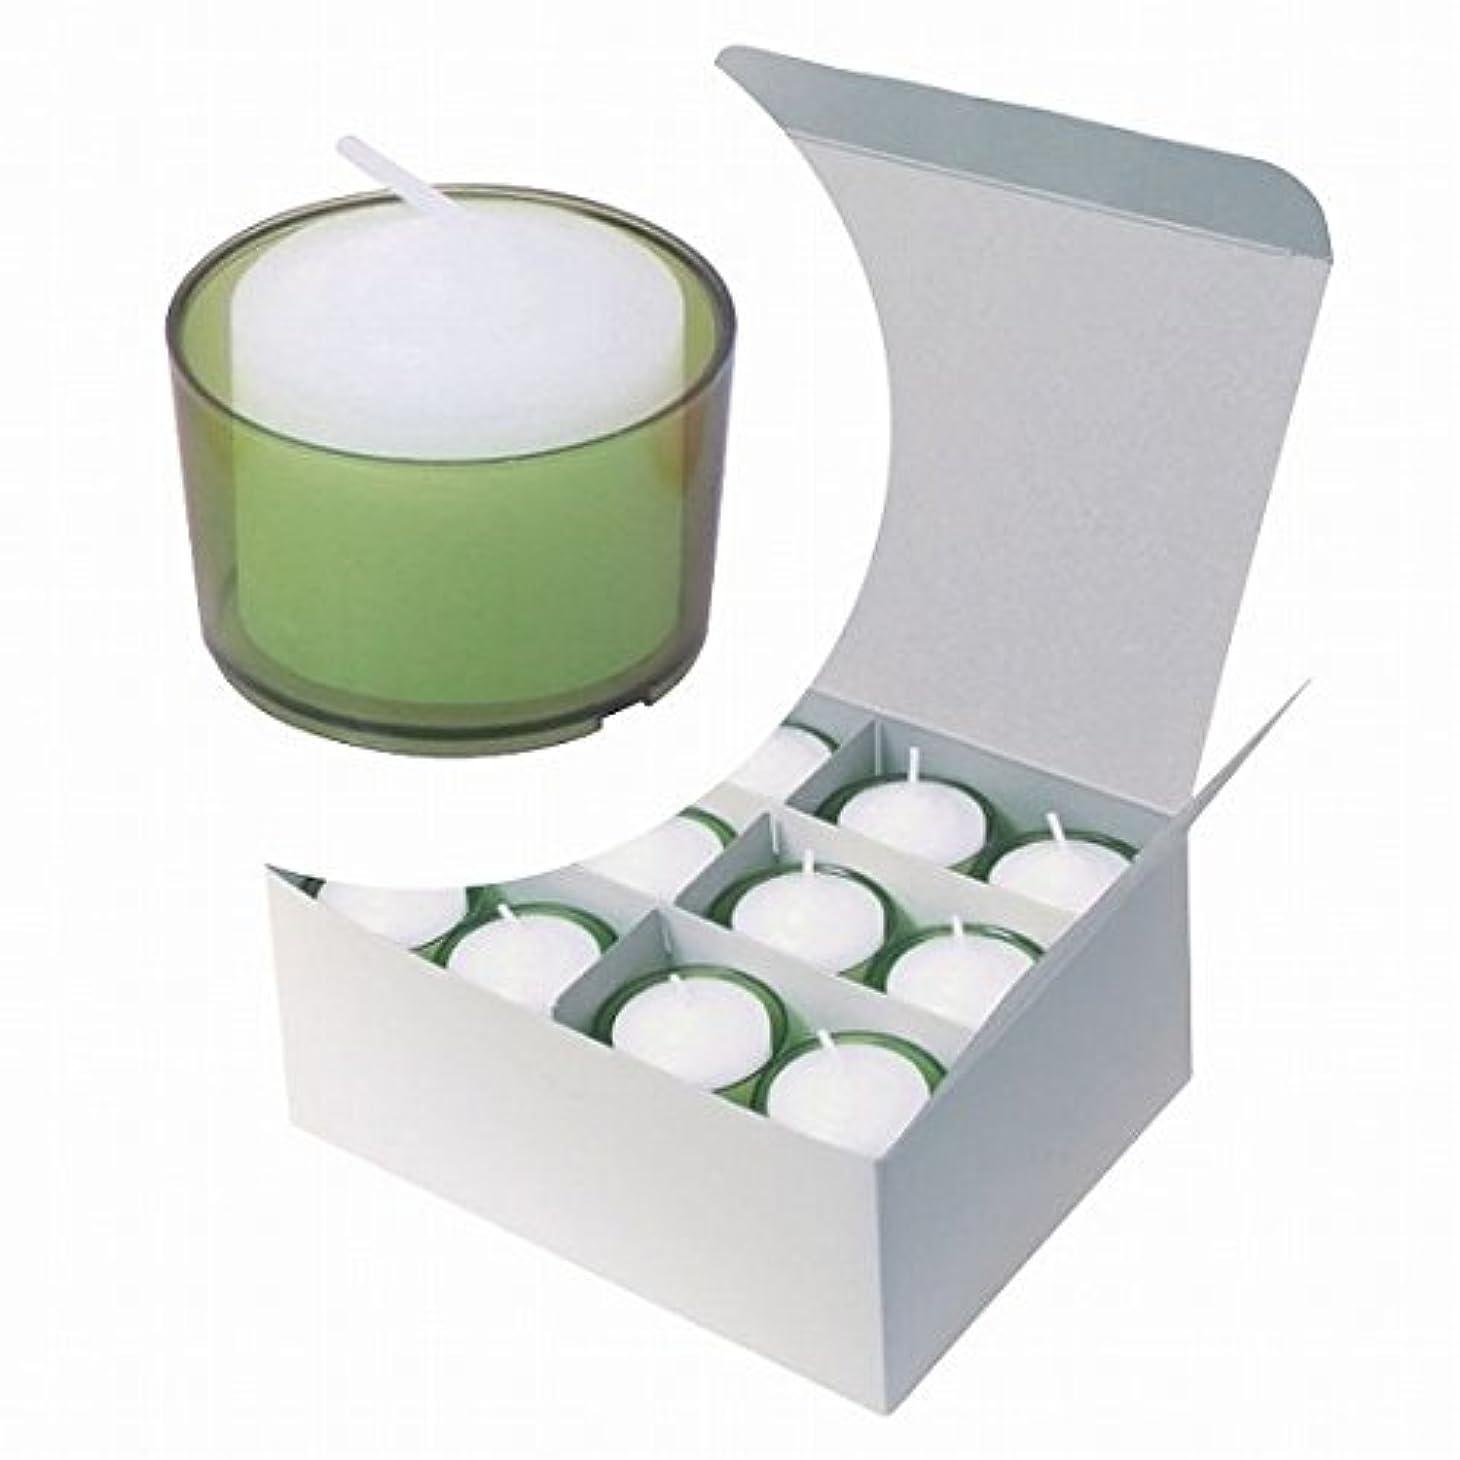 こしょう債権者延ばすカメヤマキャンドル(kameyama candle) カラークリアカップボーティブ6時間タイプ 24個入り 「 グリーン 」